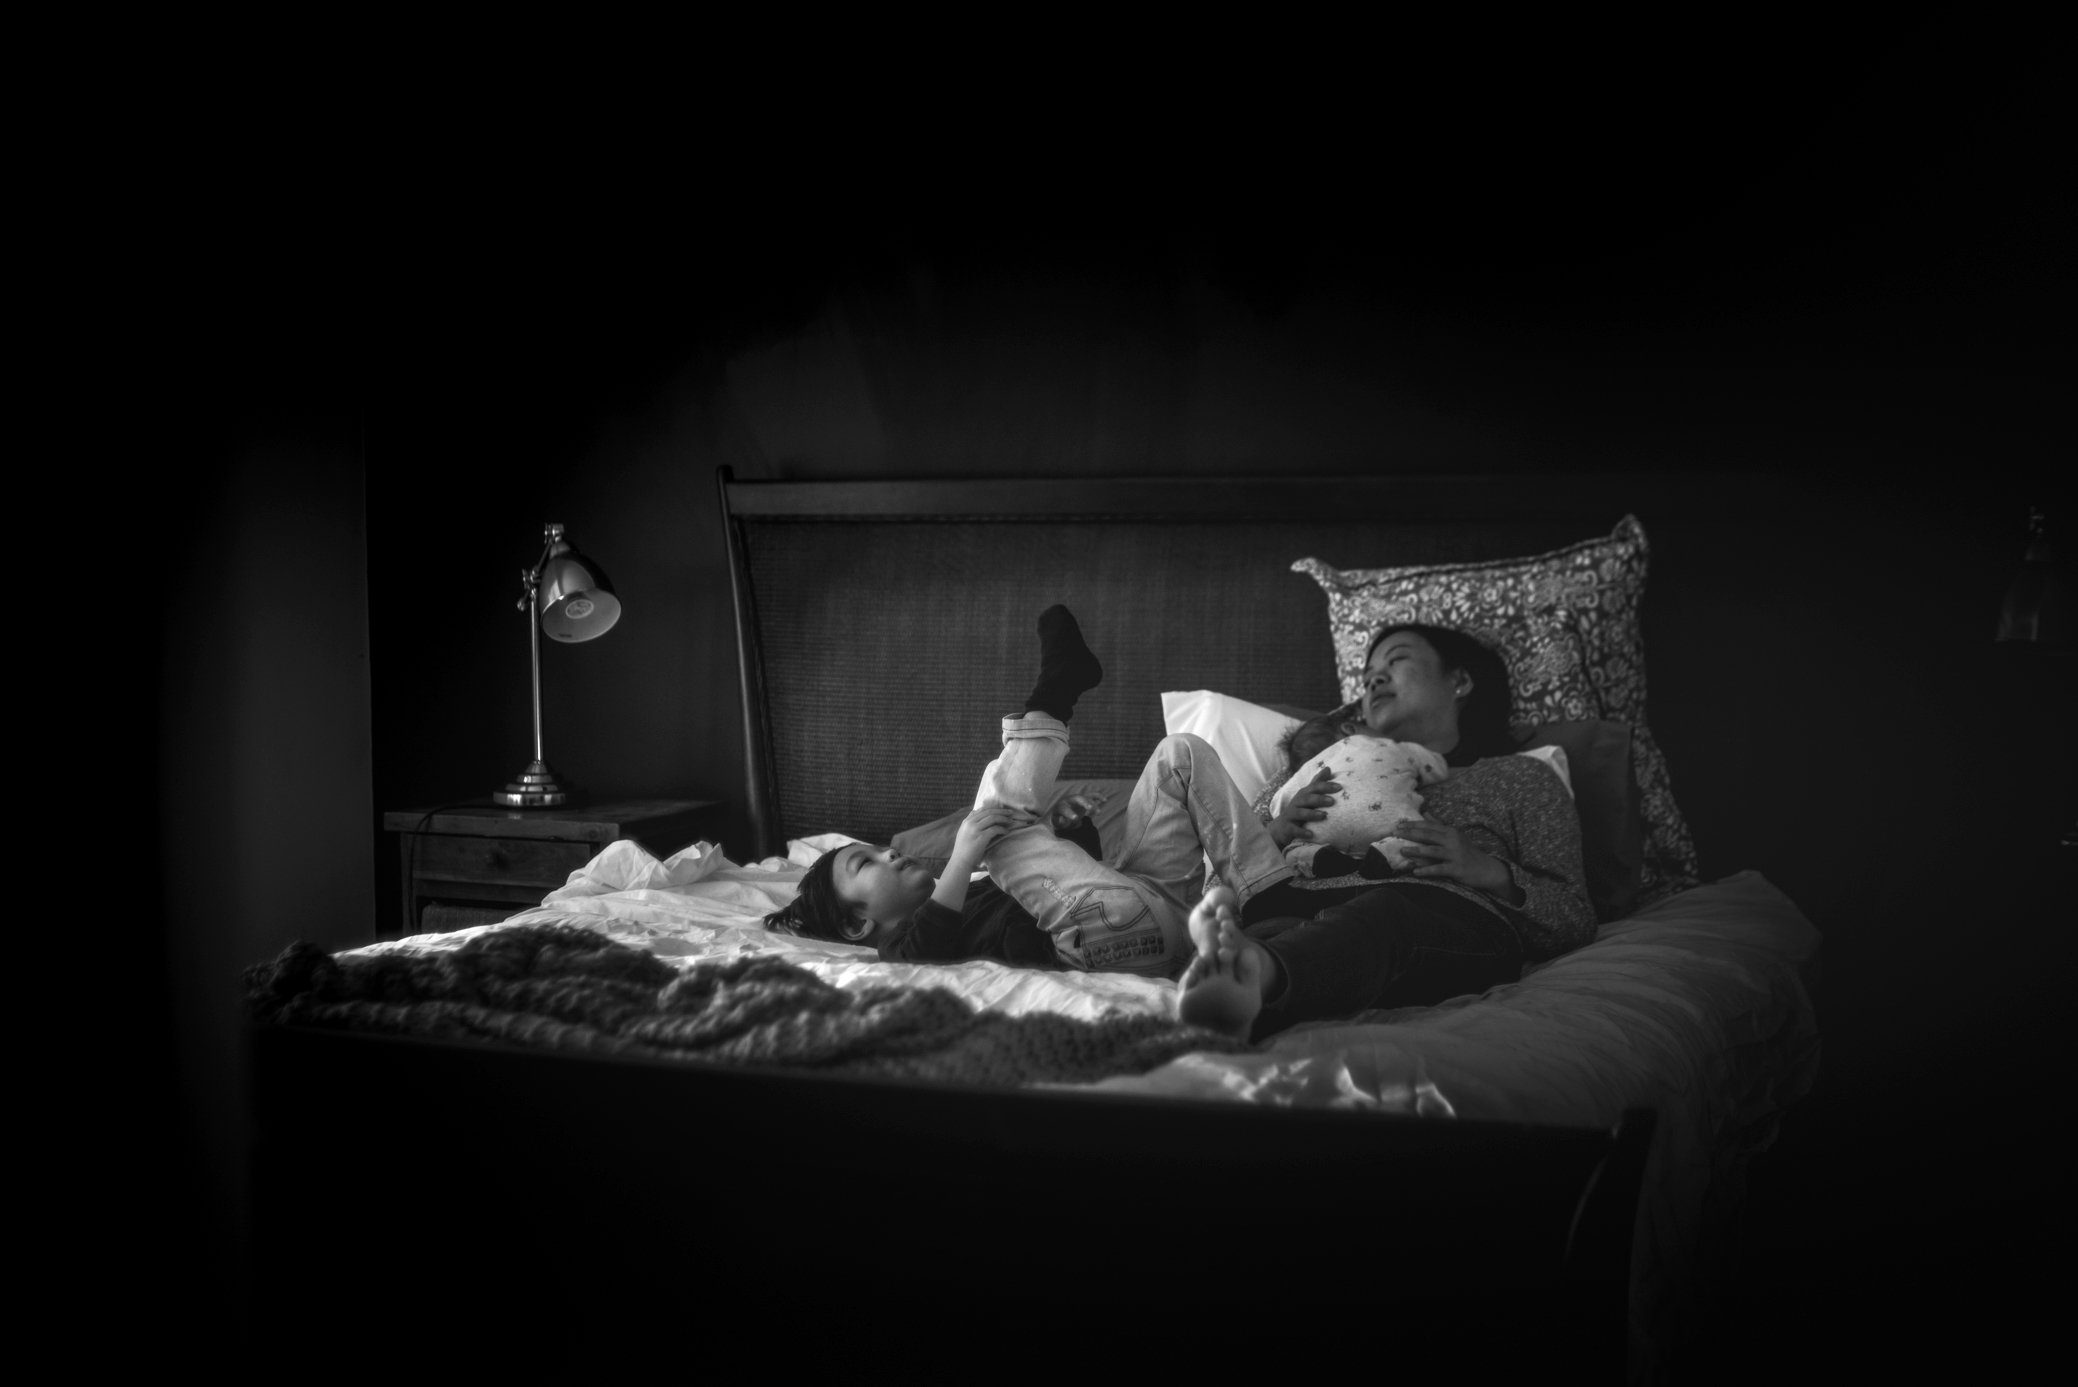 cindycavanagh-maternity-photos-in-sydney (33 of 39).JPG